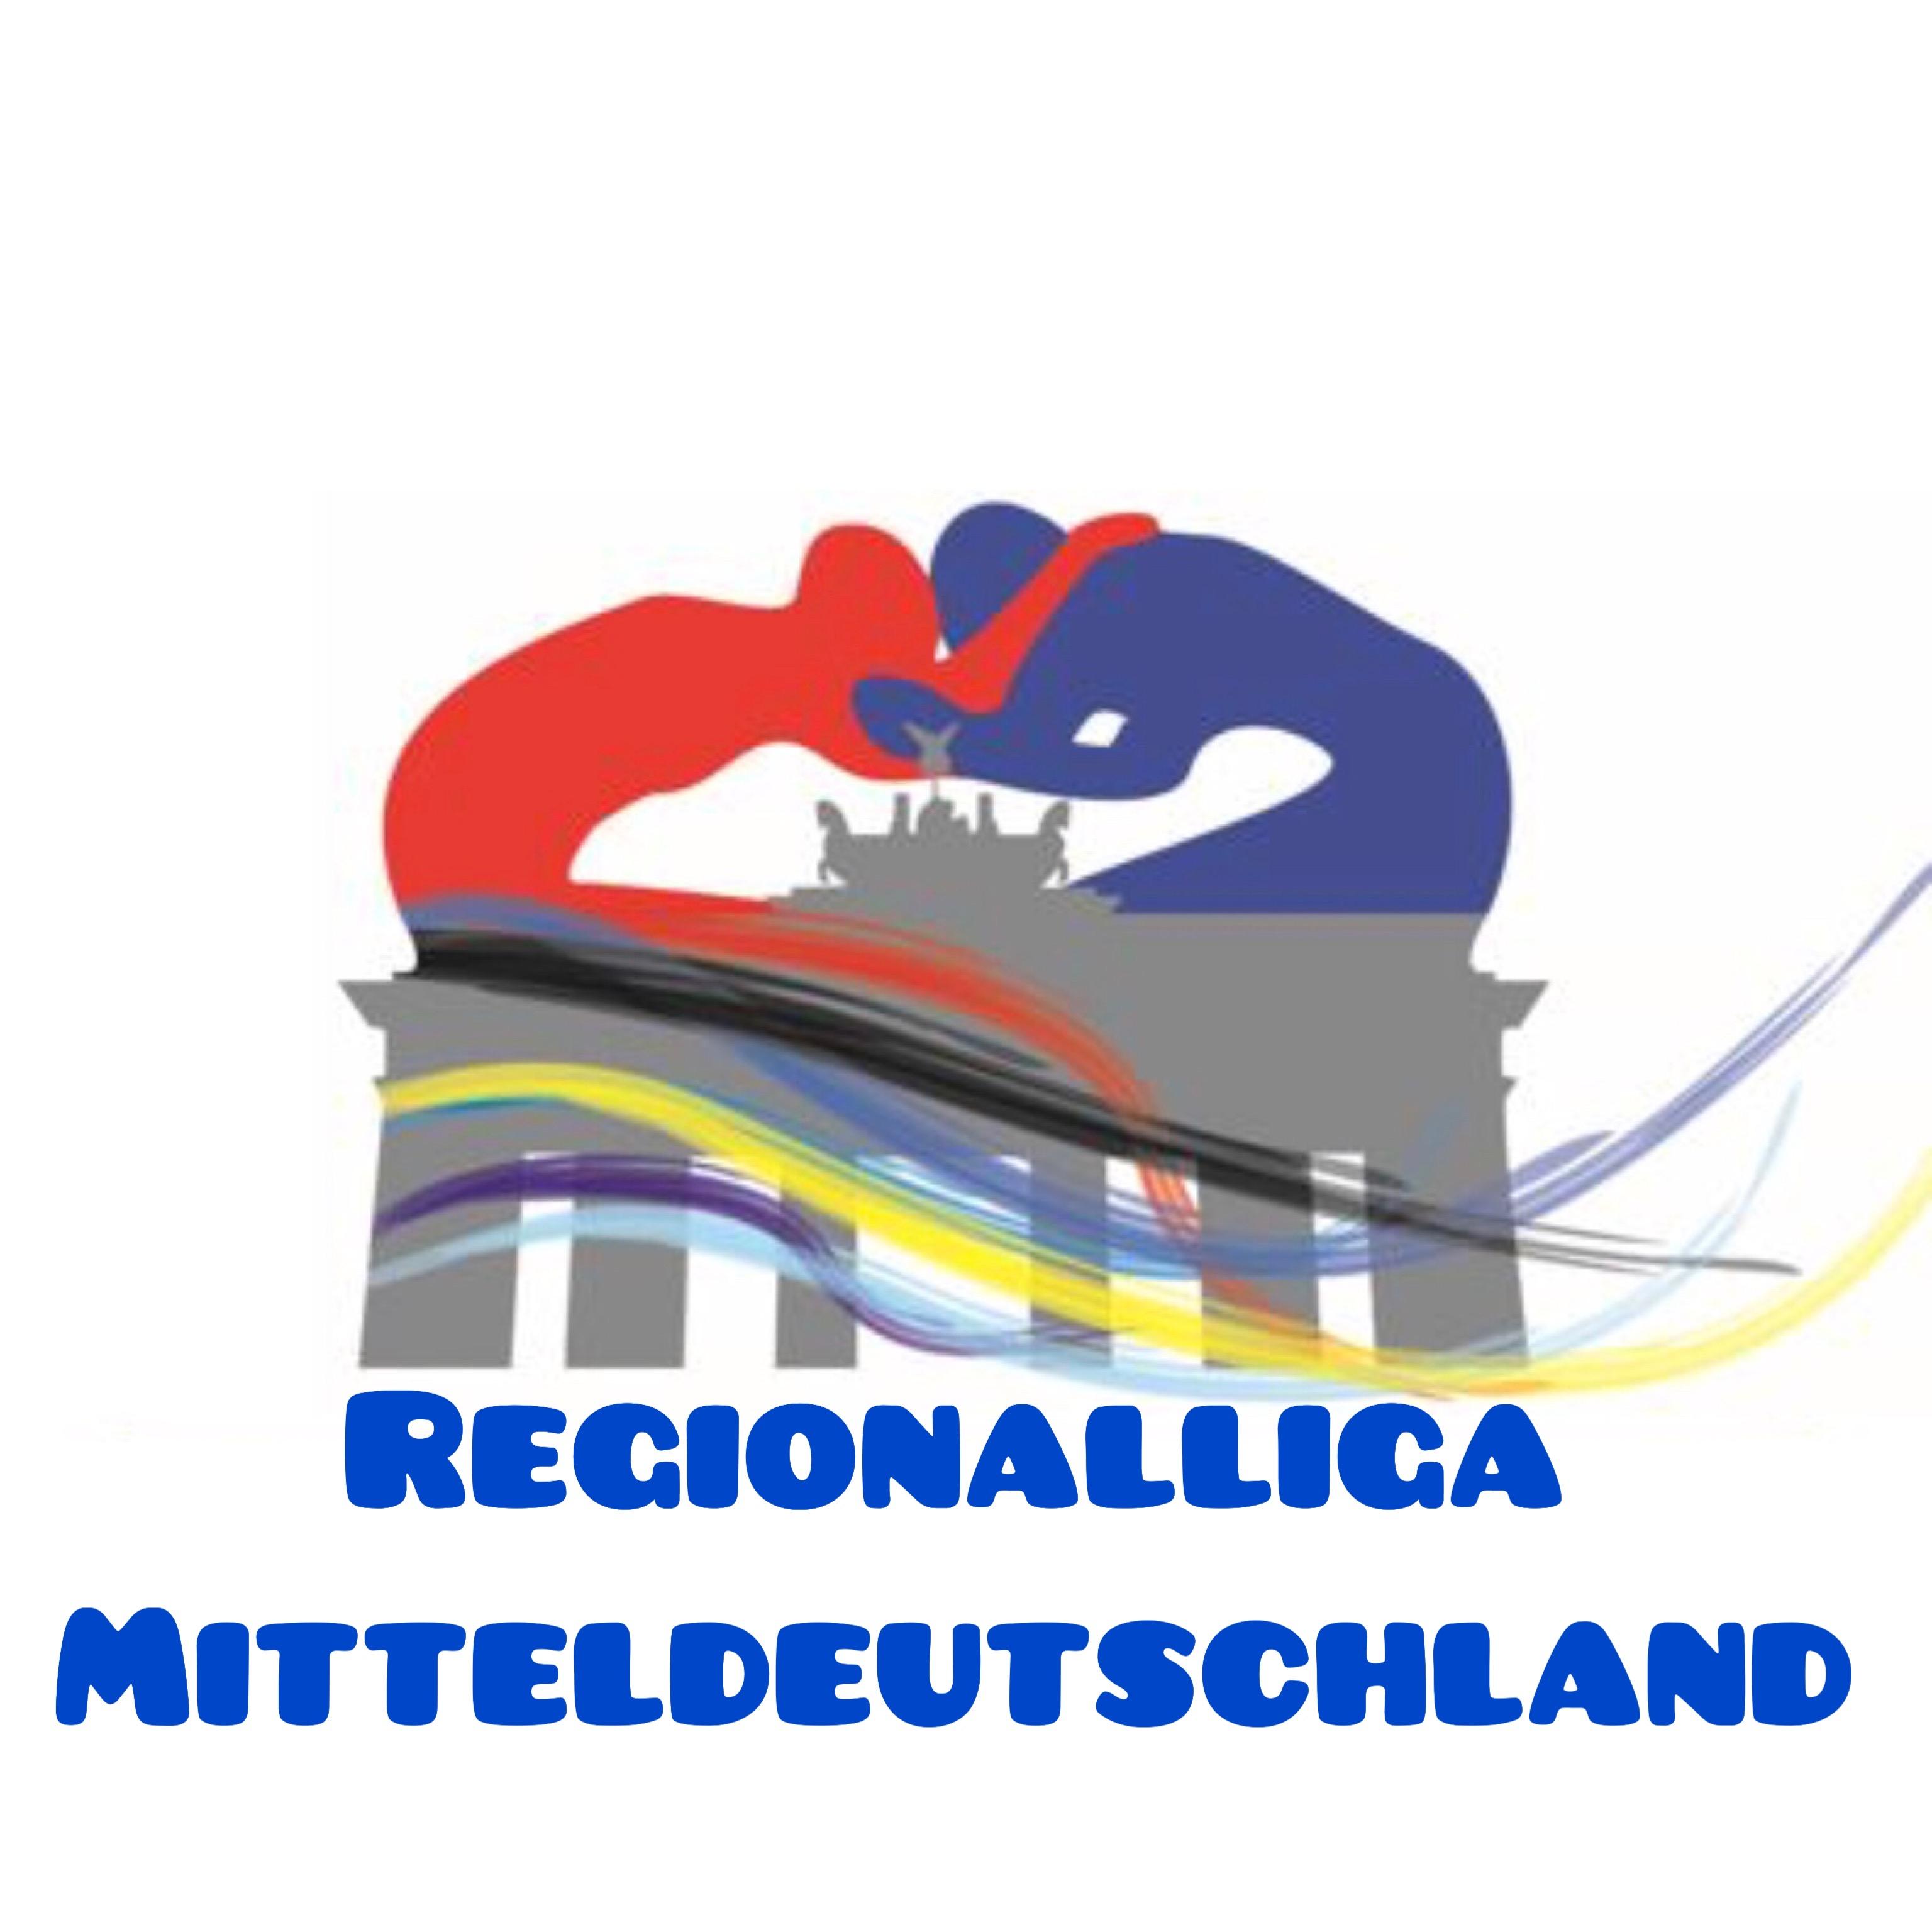 ABGESAGT! RL-Heimkampf gg. WKG Pausa/Plauen